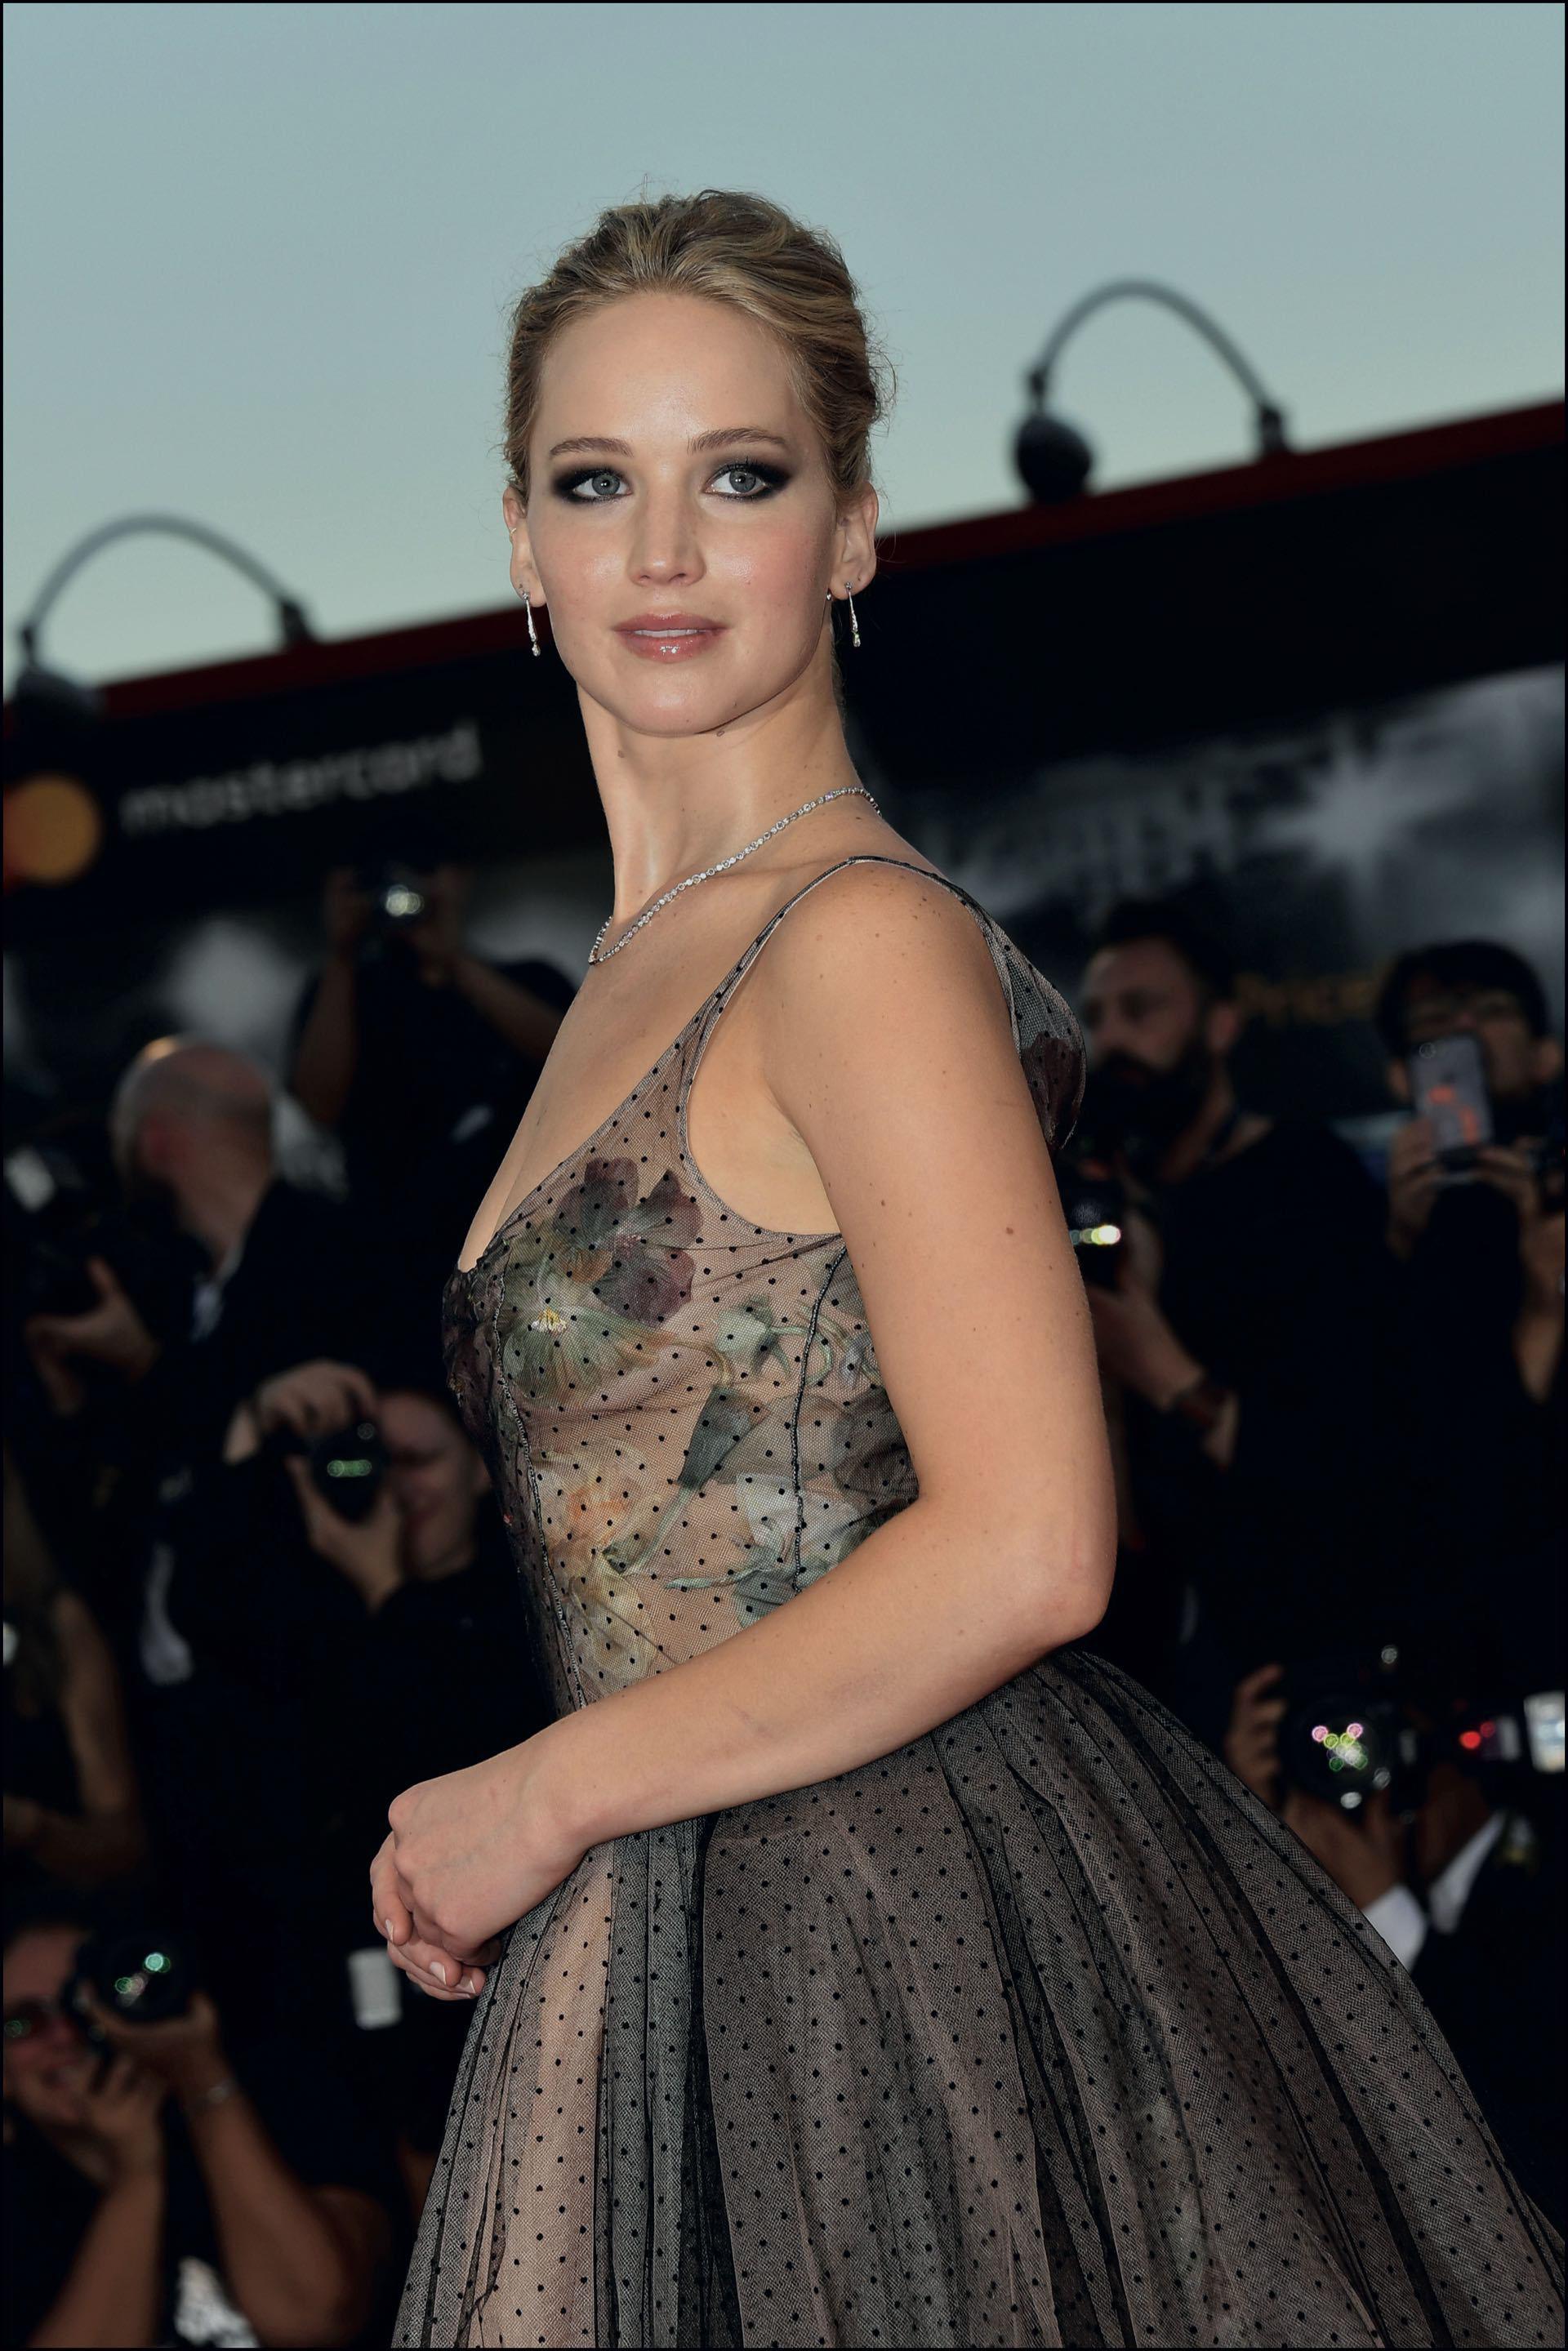 Favorita del público y los directores, Jennifer Lawrence tiene todo lo que se necesita para triunfar en Hollywood.